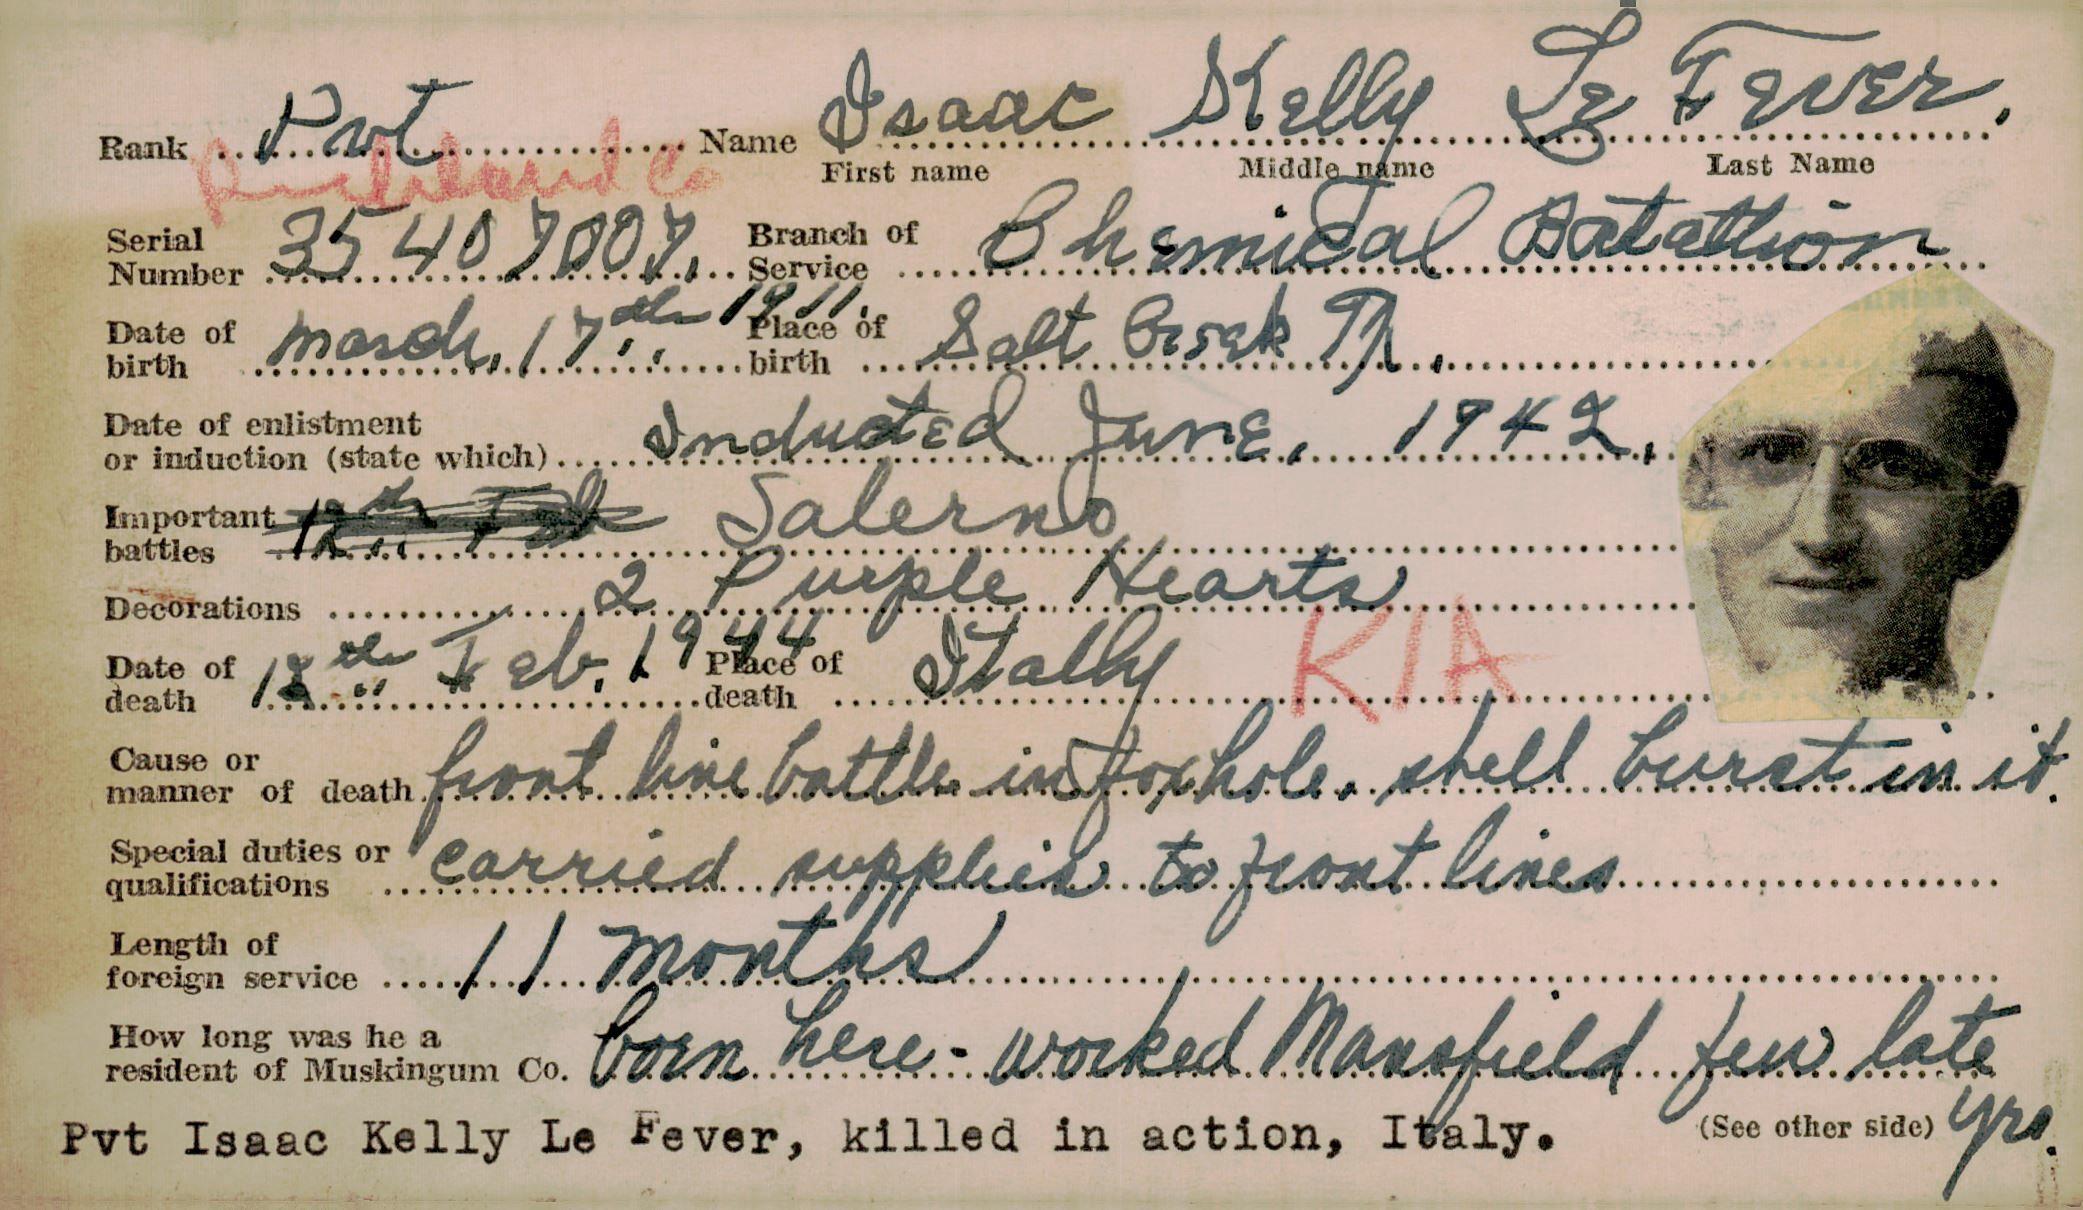 Schneider WWII Muskingum Veterans Archive – L